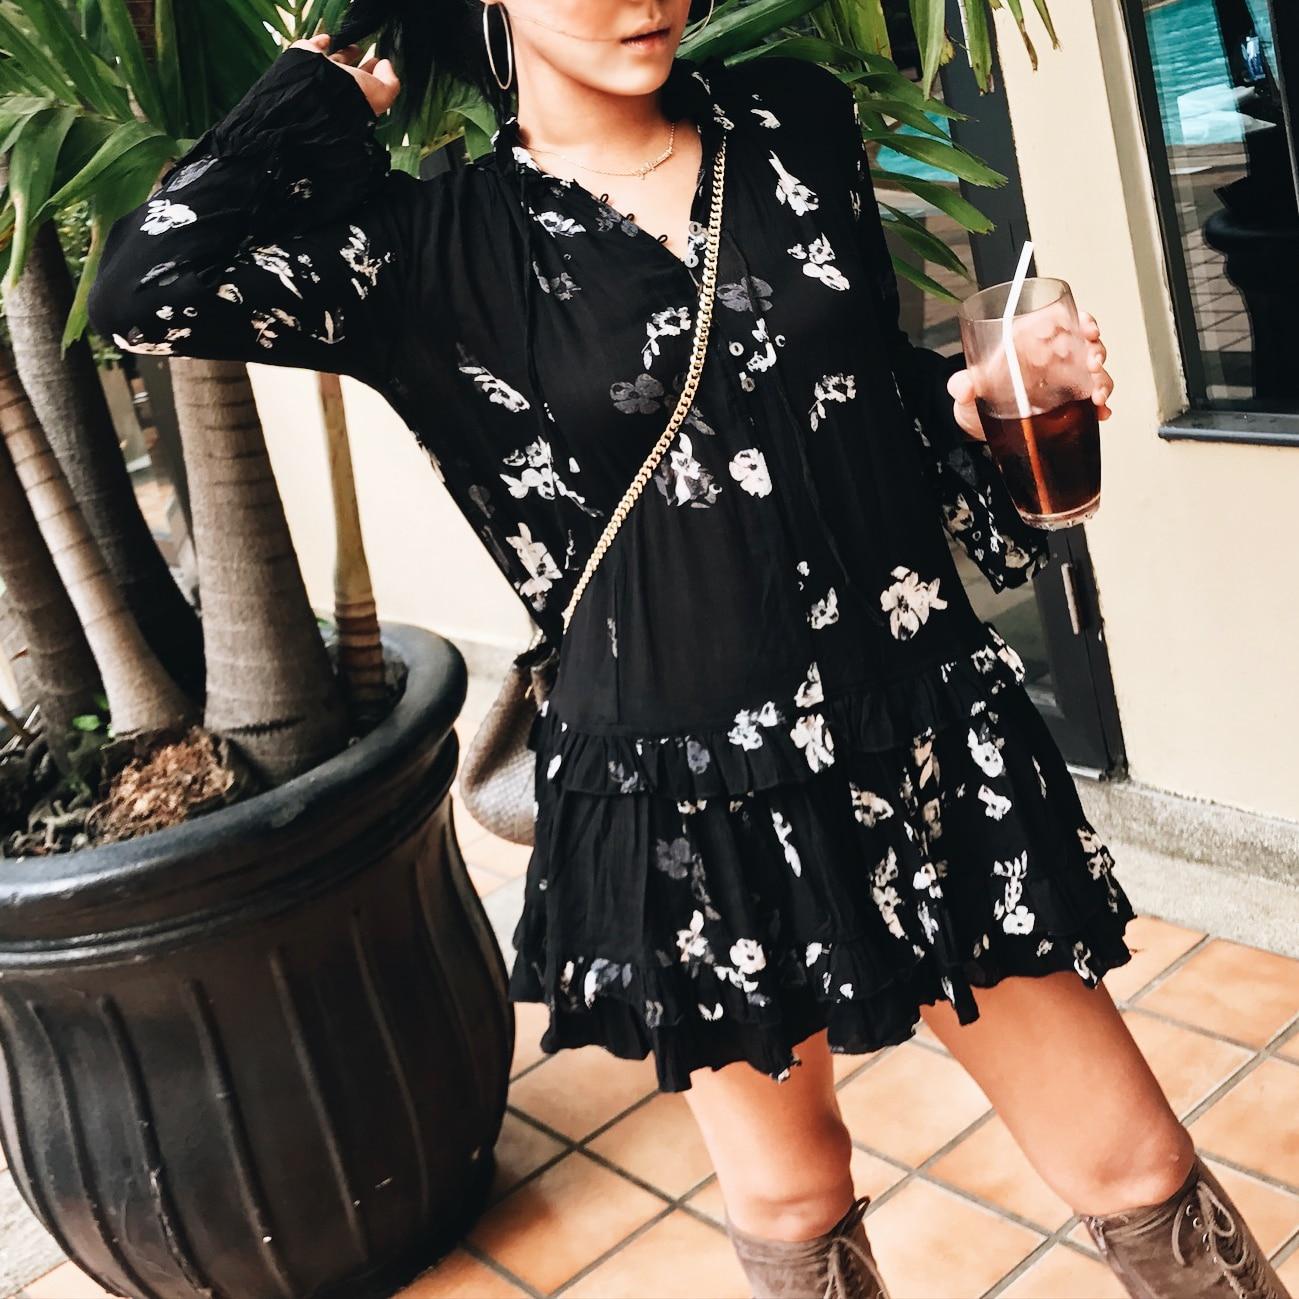 Et Imprimé Fois 2017 À Fiesta Manches Offre Noir Femme Spéciale Vacances Vente Robes De D'été Lâche Longues Robe Bohême 7qpOP